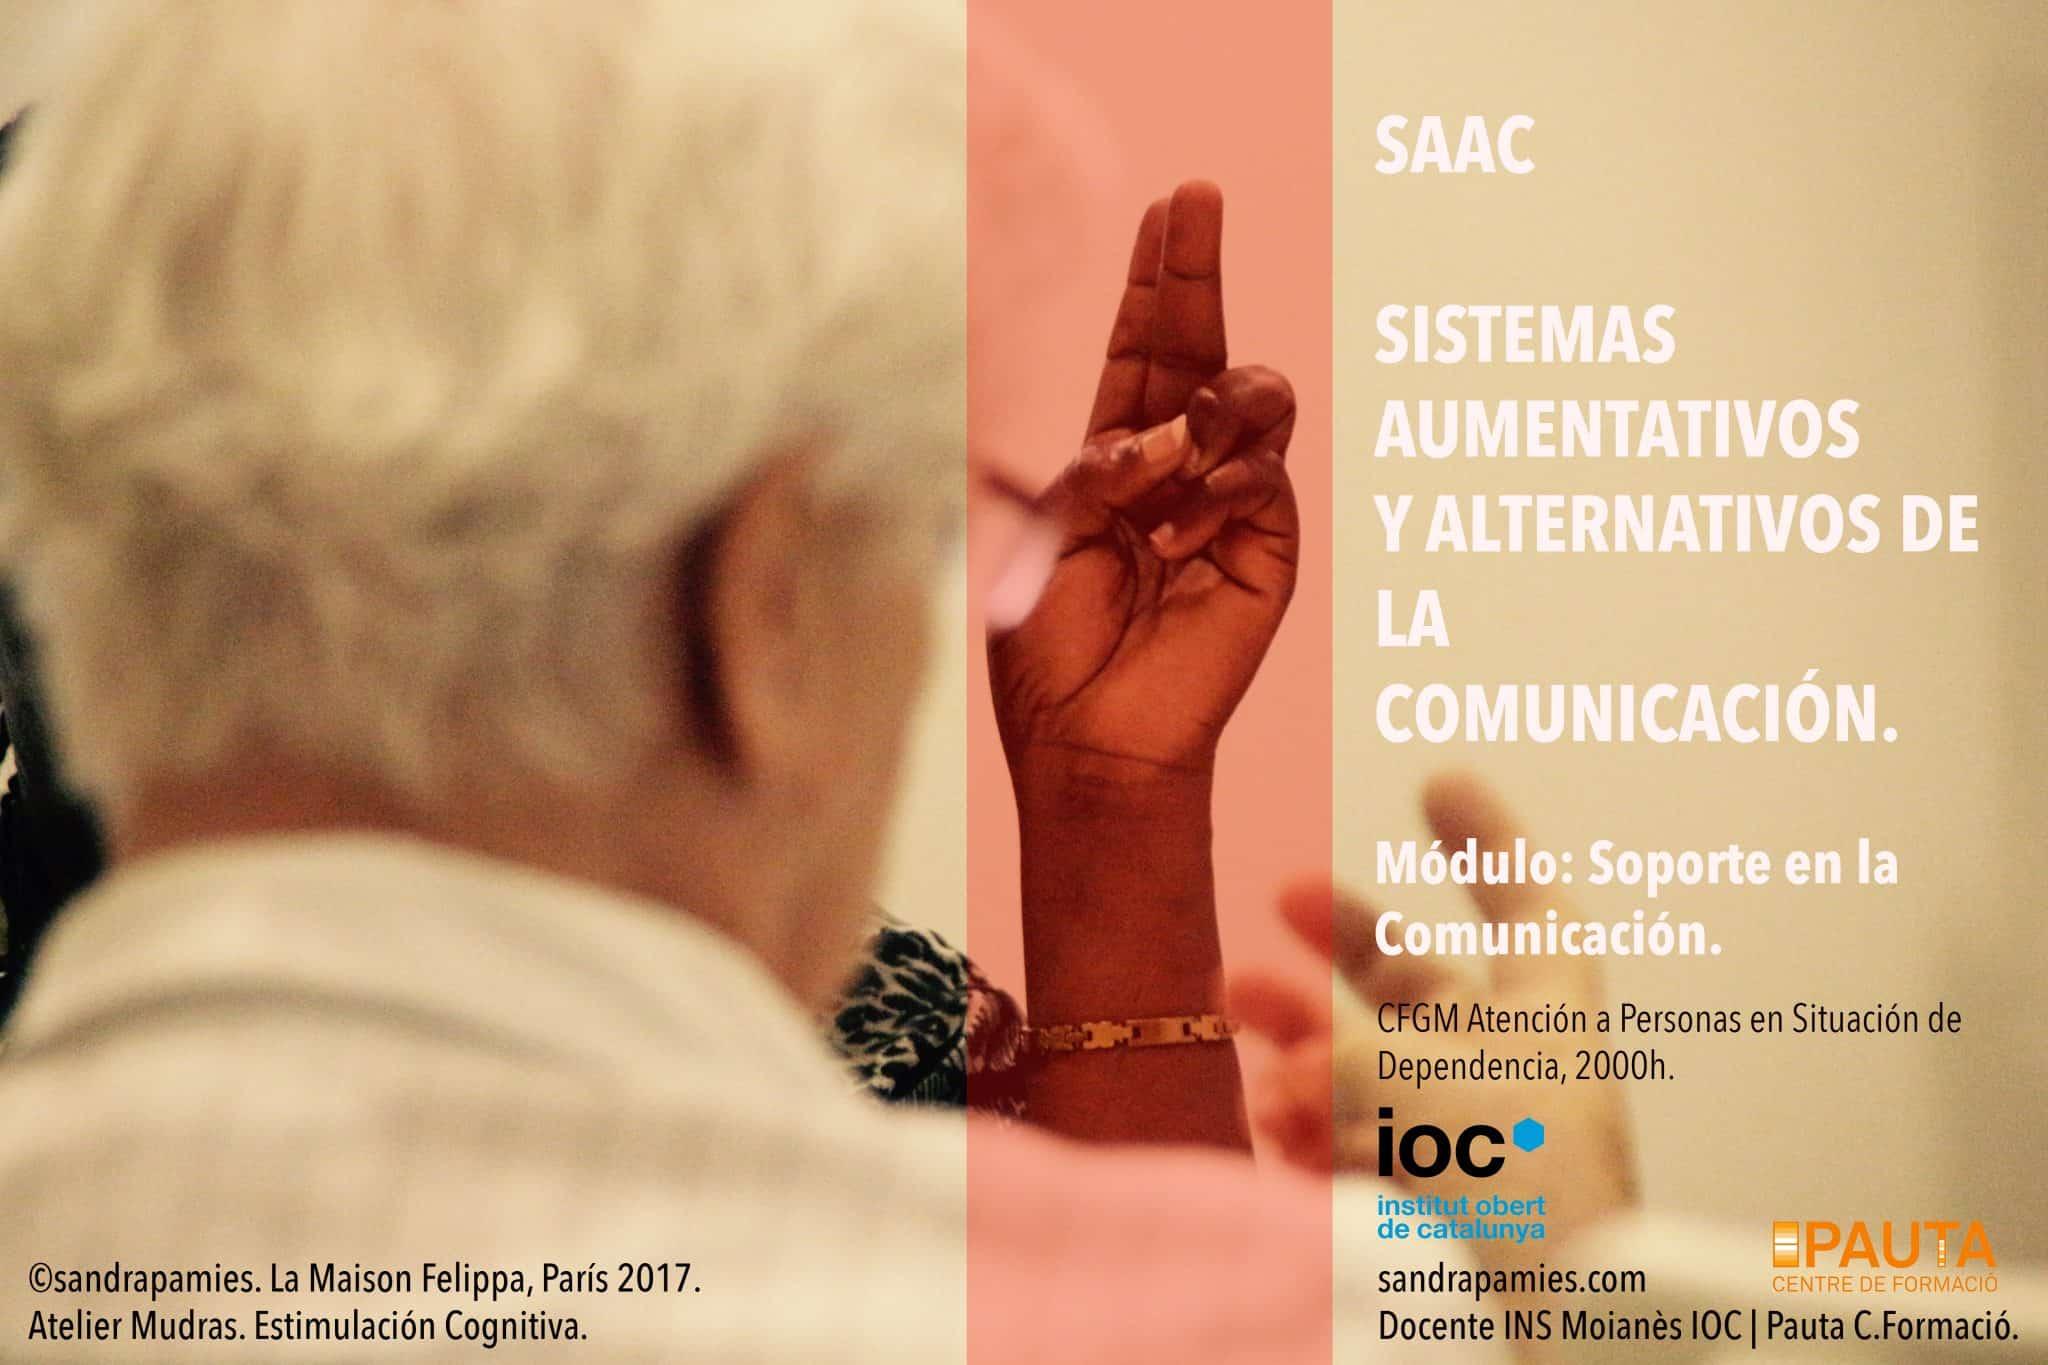 Sistemas Aumentativos y Alternativos de la Comunicación | Soporte en la Comunicación